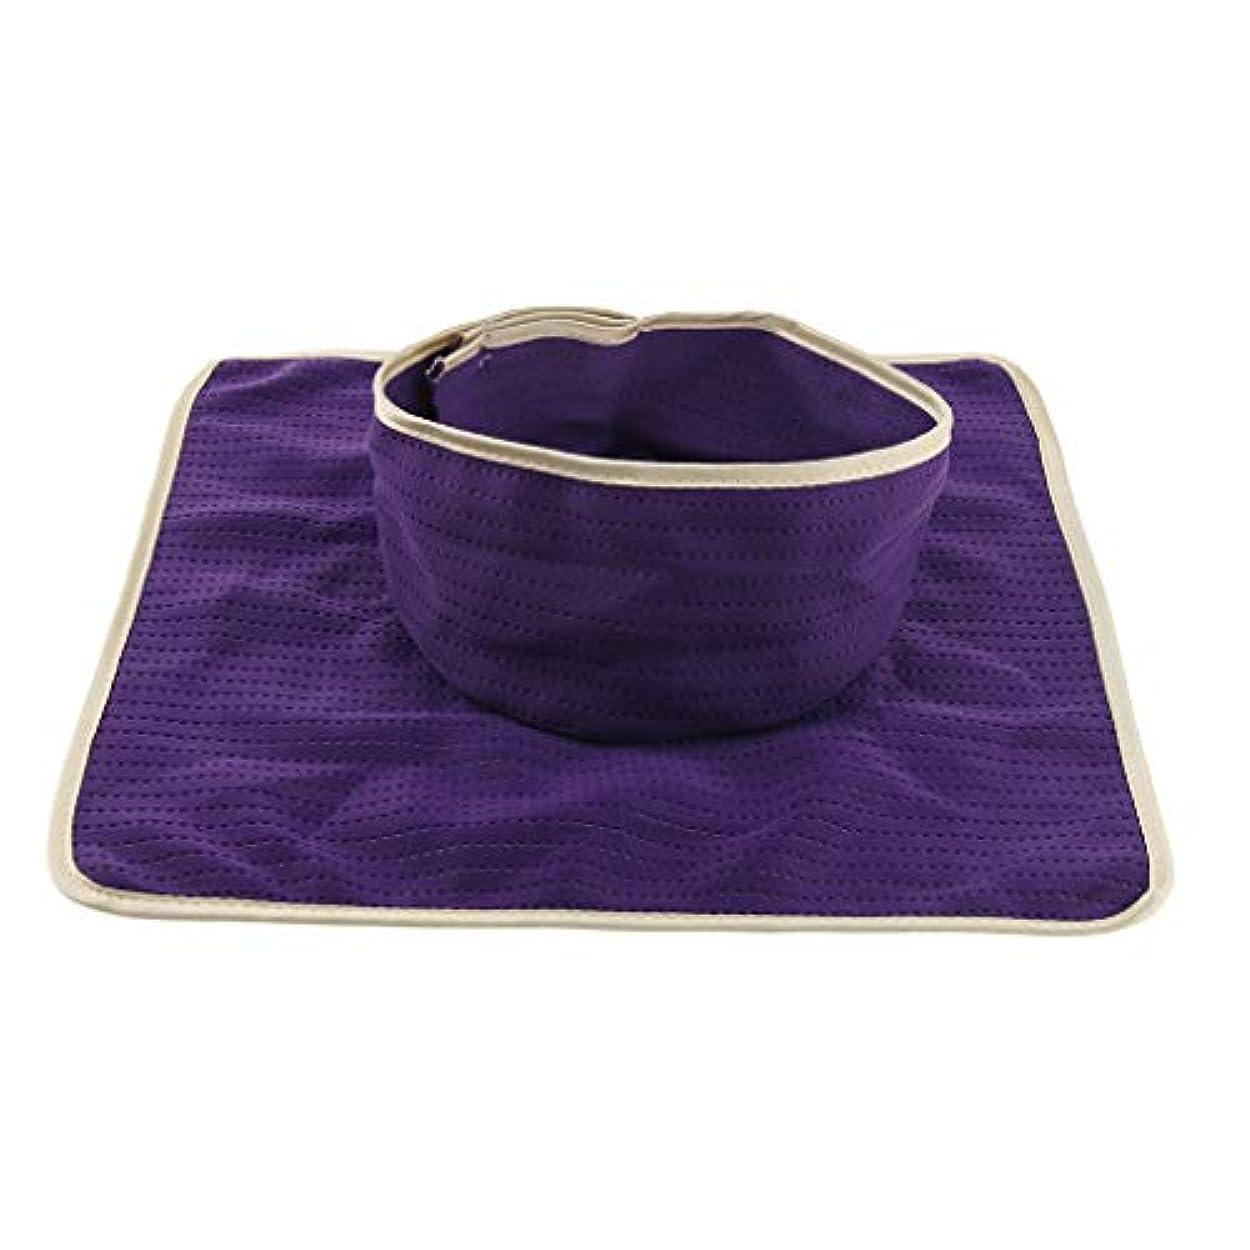 同級生制限するイタリアのBaoblaze マッサージのベッド用 パッド マットシート 顔の穴付き 洗える 約35×35cm 全3色 - 紫